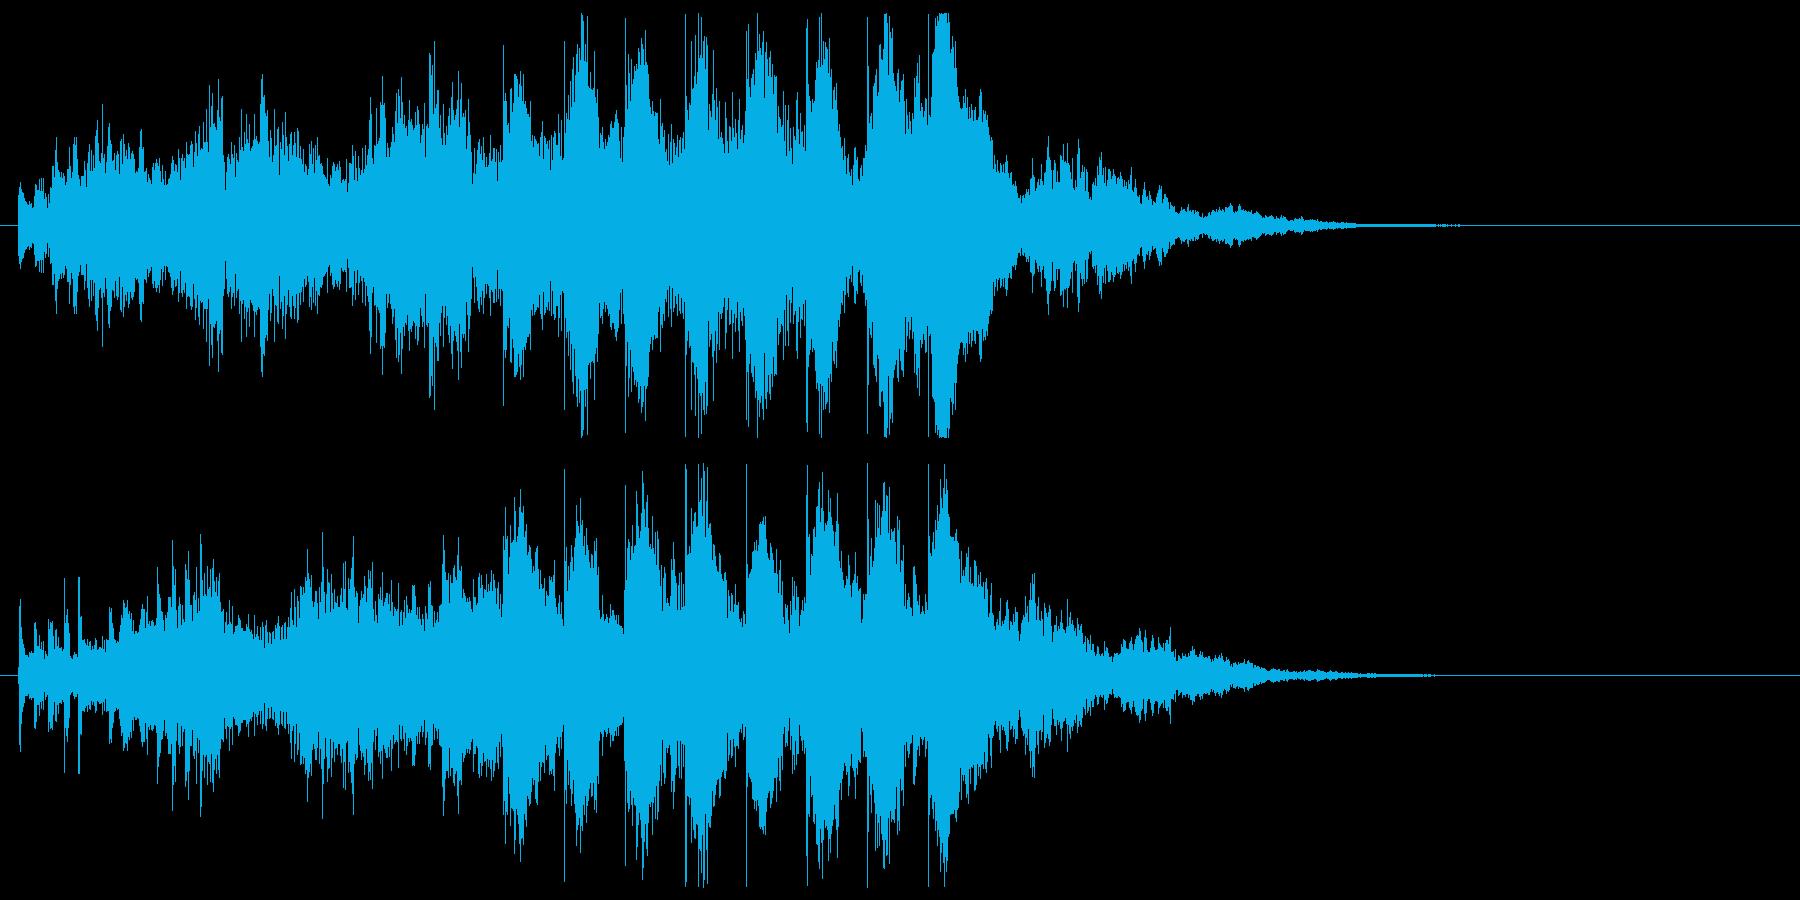 オープニングジングル 迫力あるわくわく感の再生済みの波形